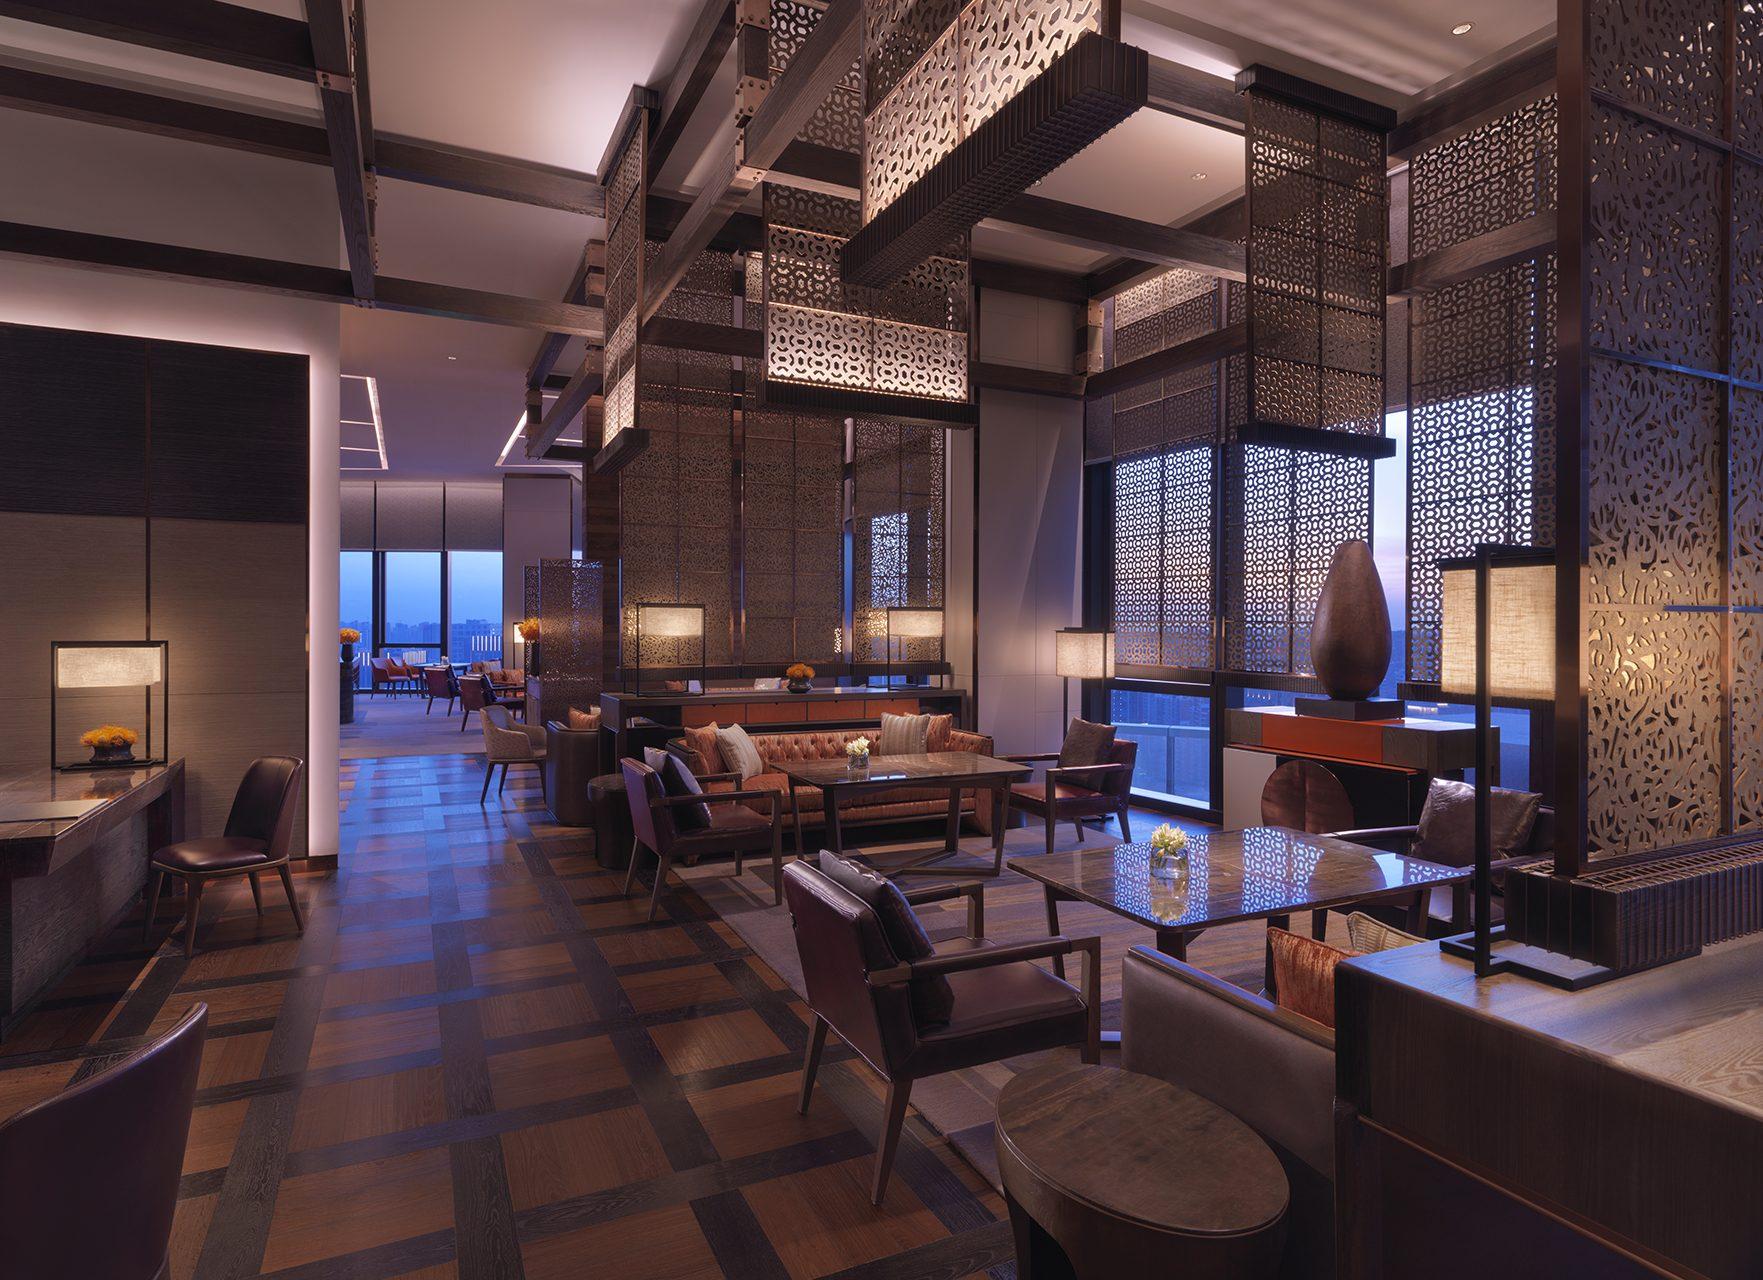 Grand Hyatt Xi'an